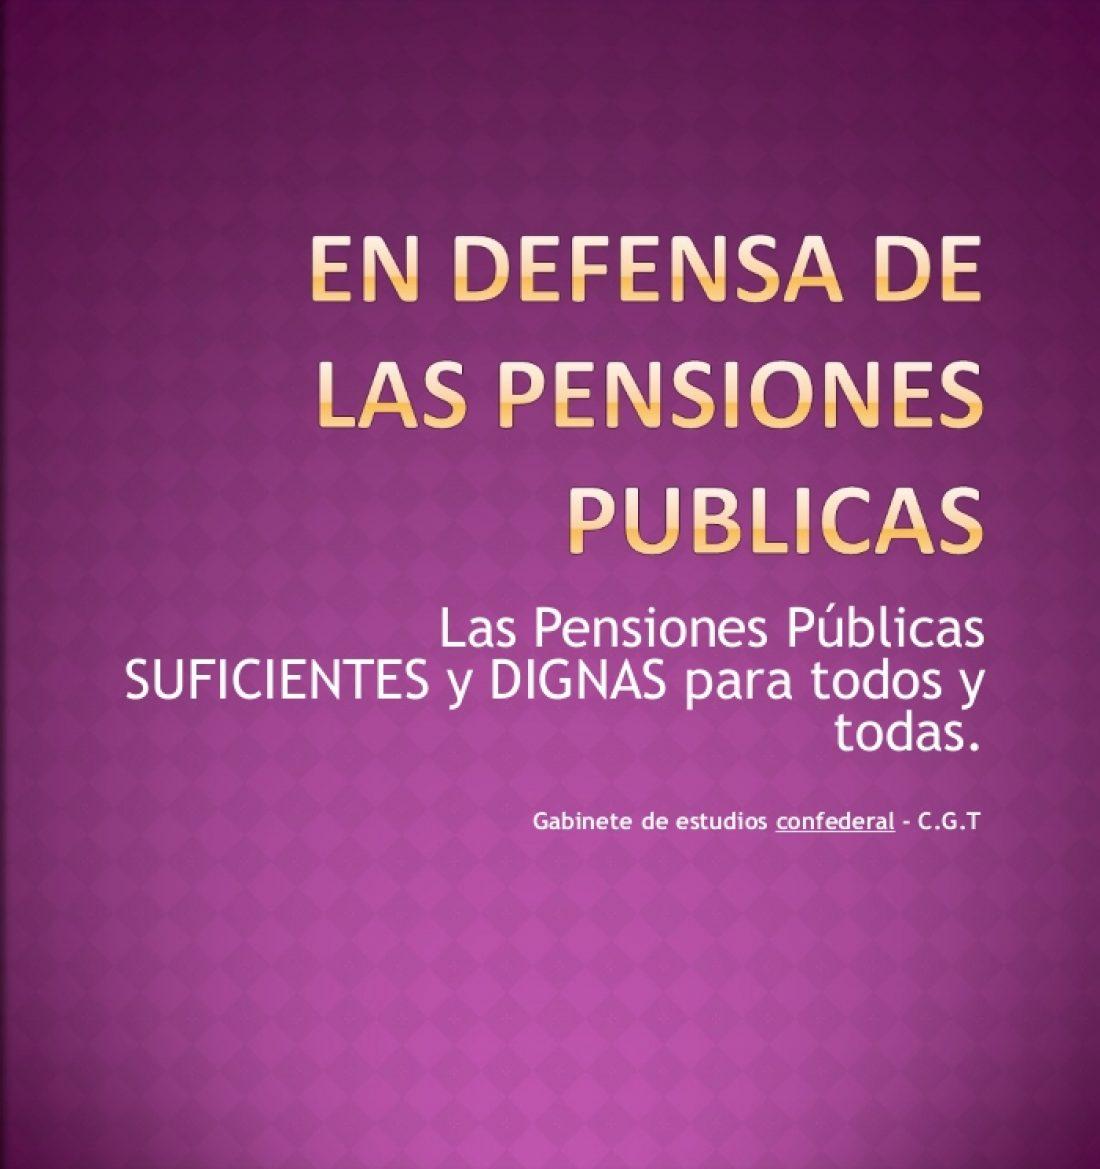 Presentación «En defensa de las pensiones públicas para todos y todas»